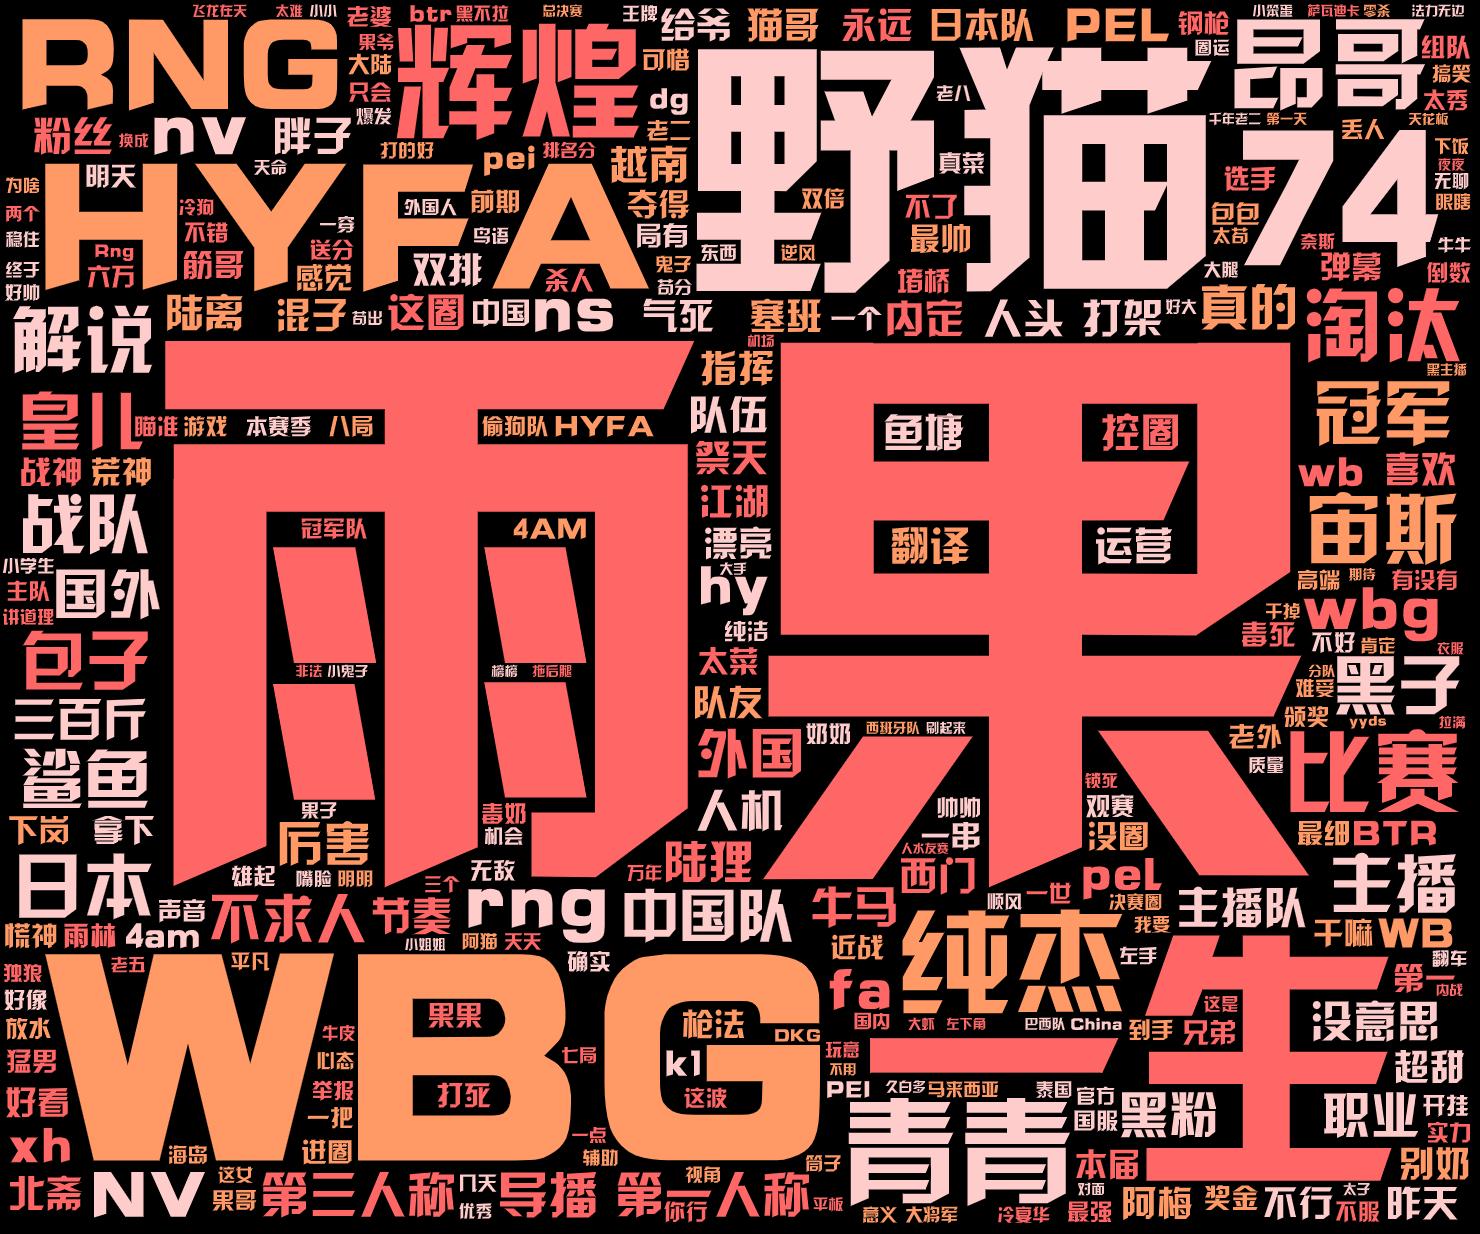 词云图,文字云,雨果 野猫 一生 WBG HYFA 74 辉煌 RNG 青青 纯杰 昂哥 中国队 比赛 冠军 淘汰 wbg rng 宙斯 不求人 鲨鱼